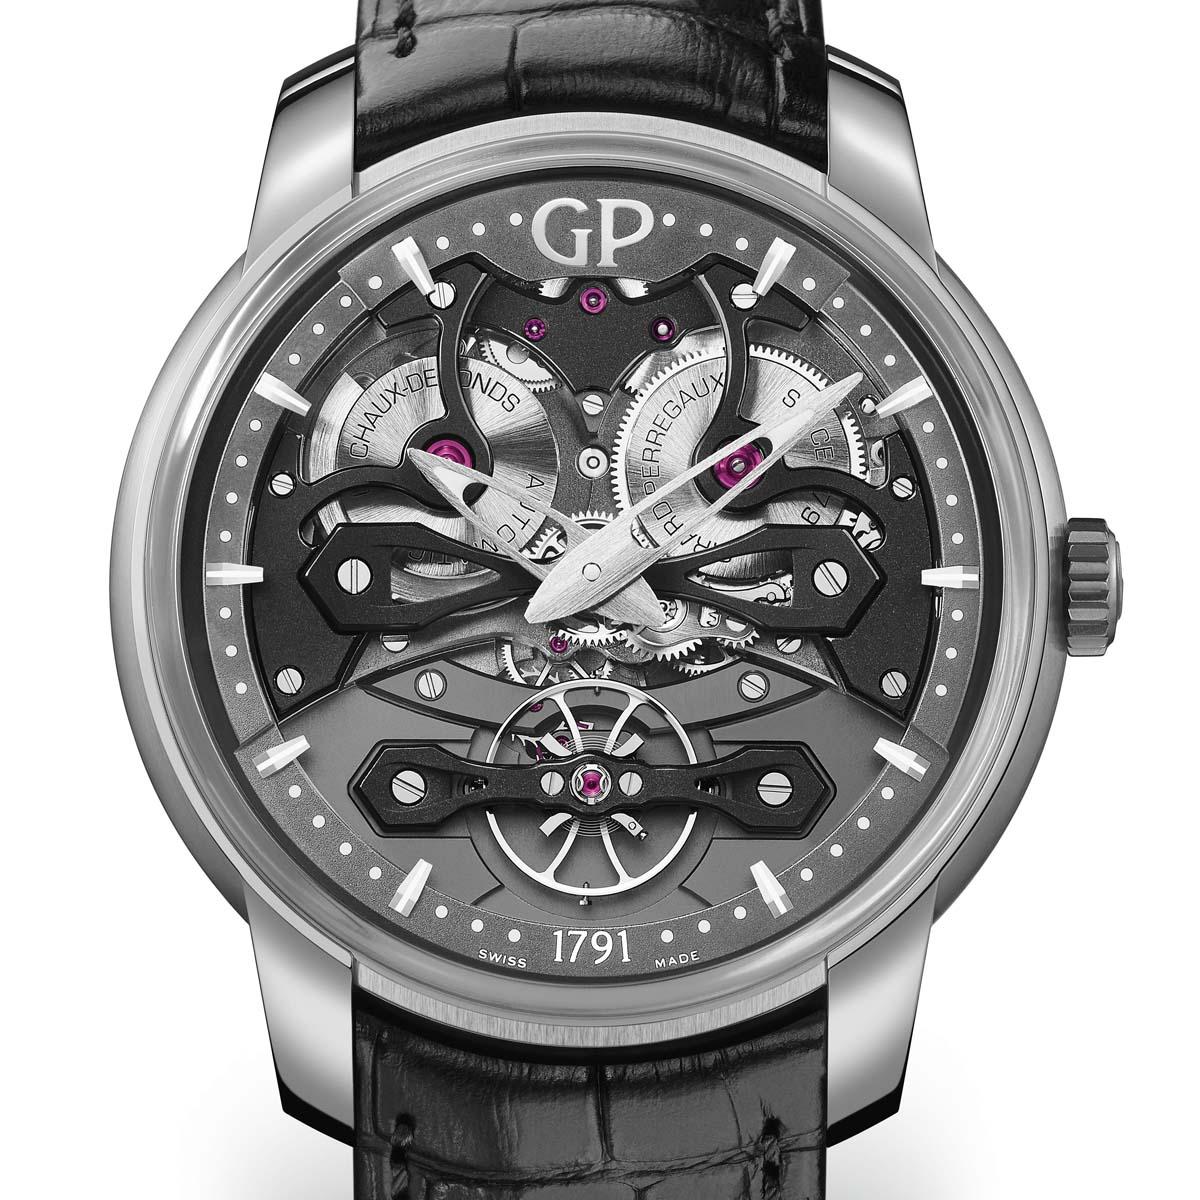 La Cote des Montres : Photo - La montre « Neo Bridges », de la Maison Girard-Perregaux, lauréate du « Bucherer Watch Award 2017 »